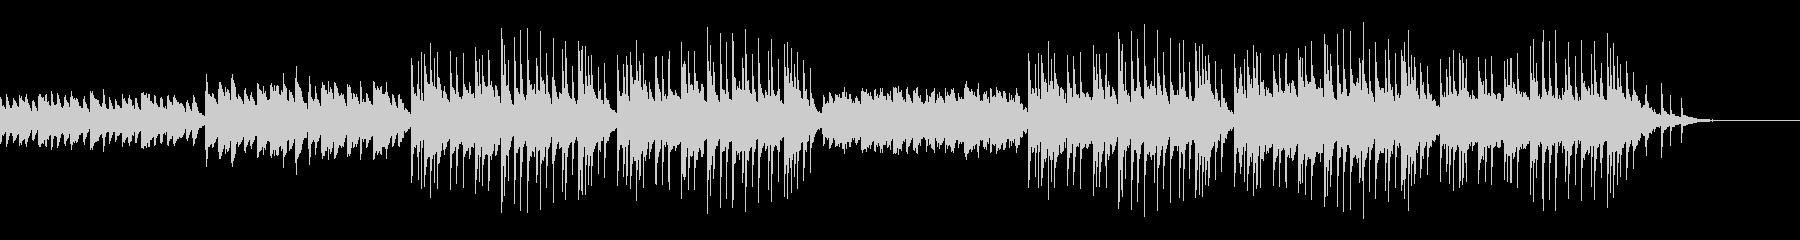 和テイストのBGMの未再生の波形